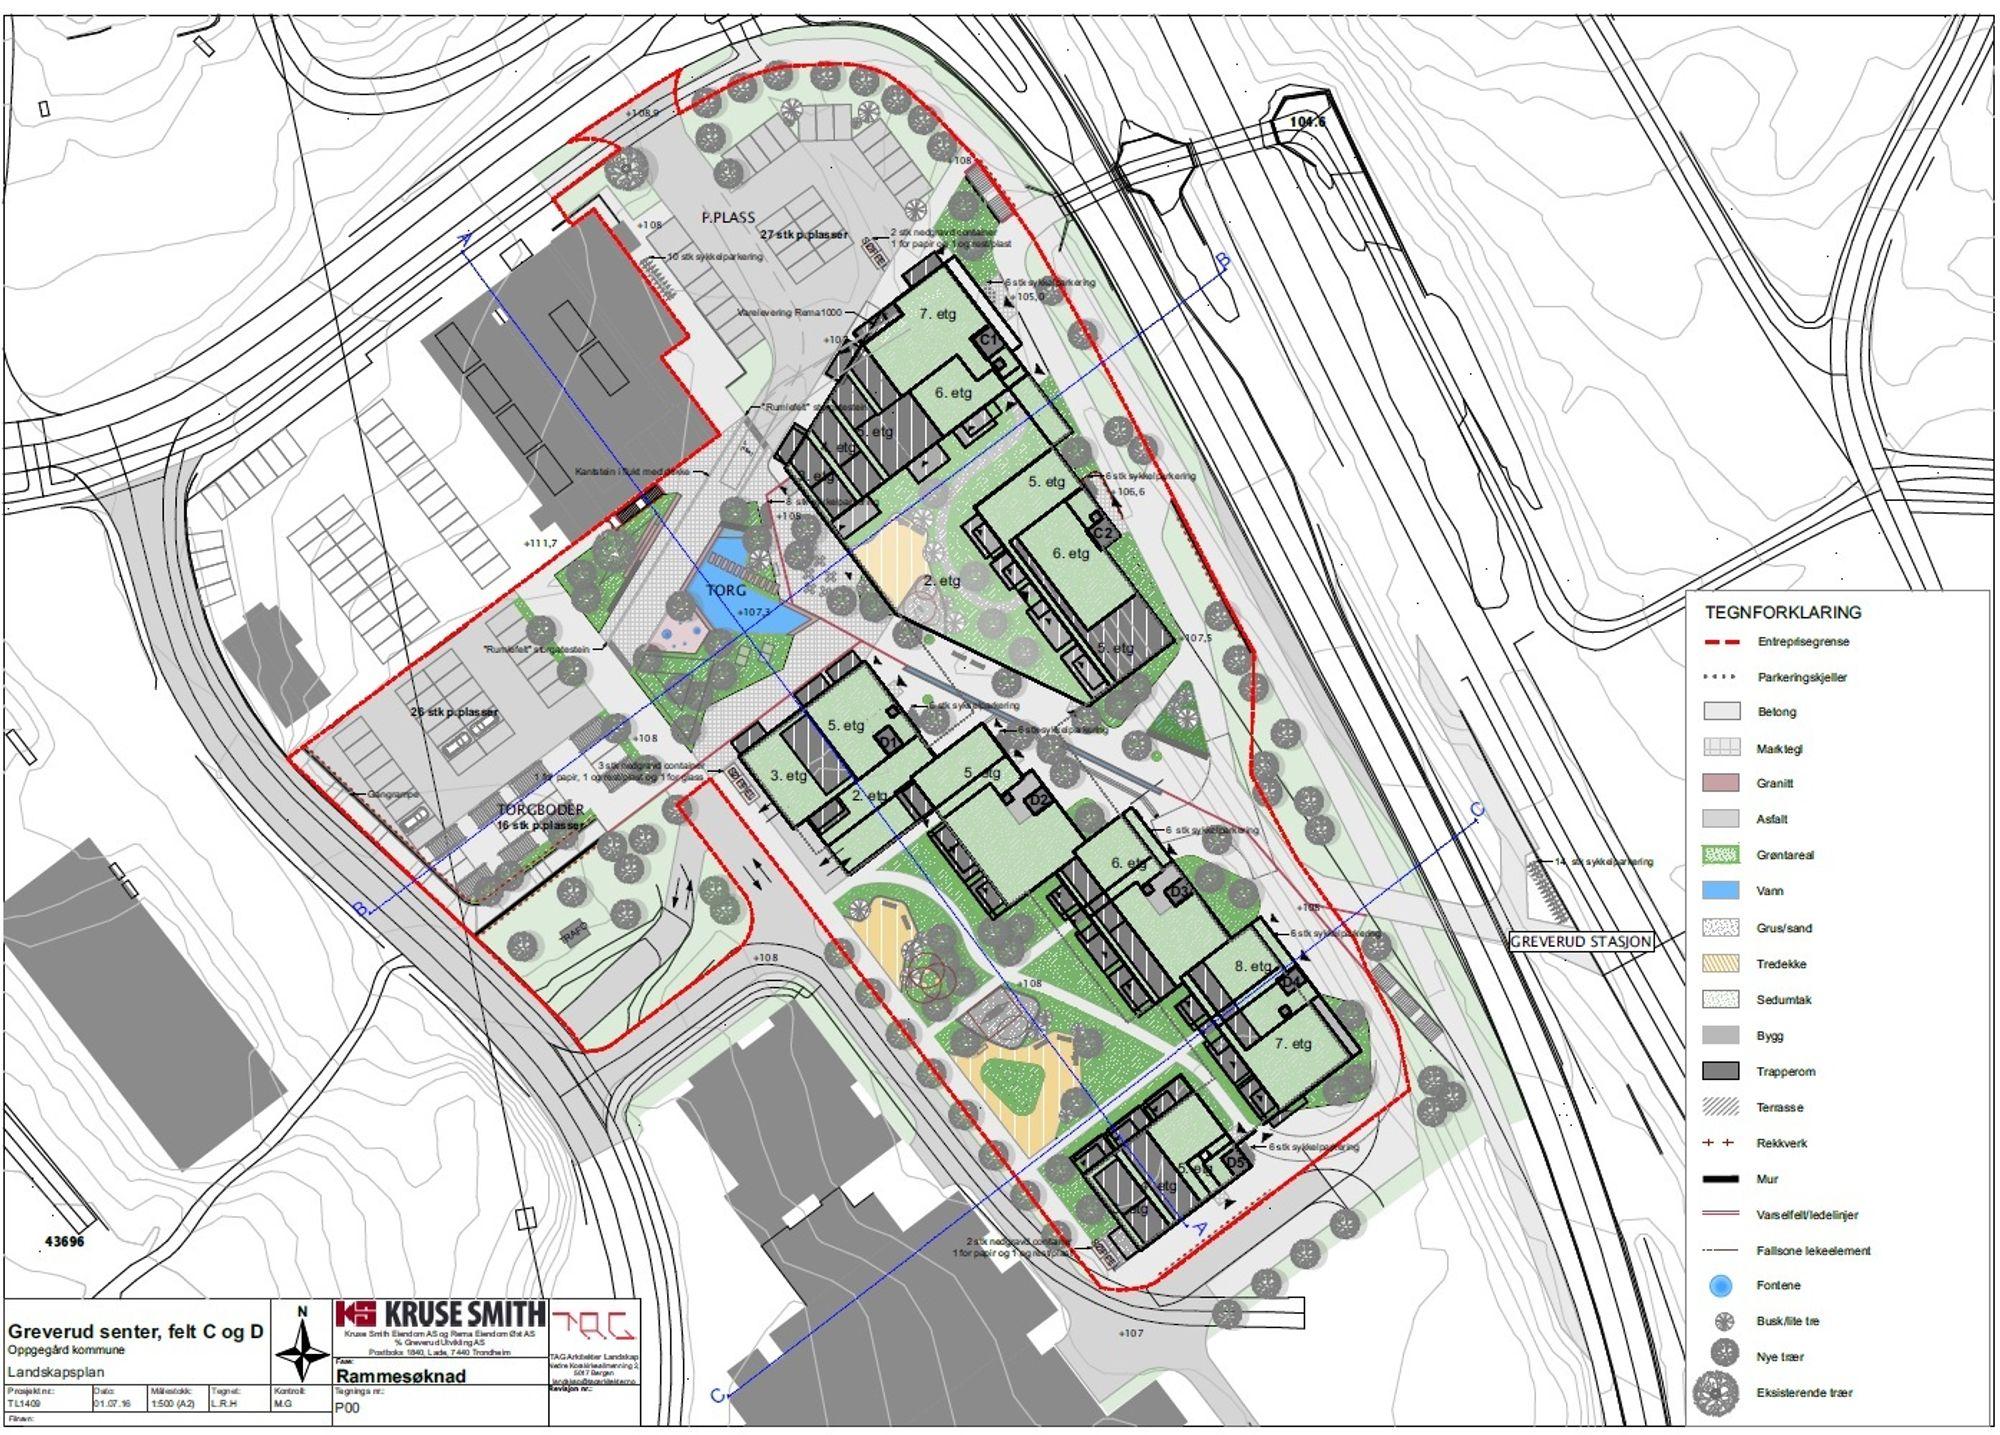 PLANTEGNING: Her kan du se landskapsplanen for det nye senteret. Klikk for større versjon!